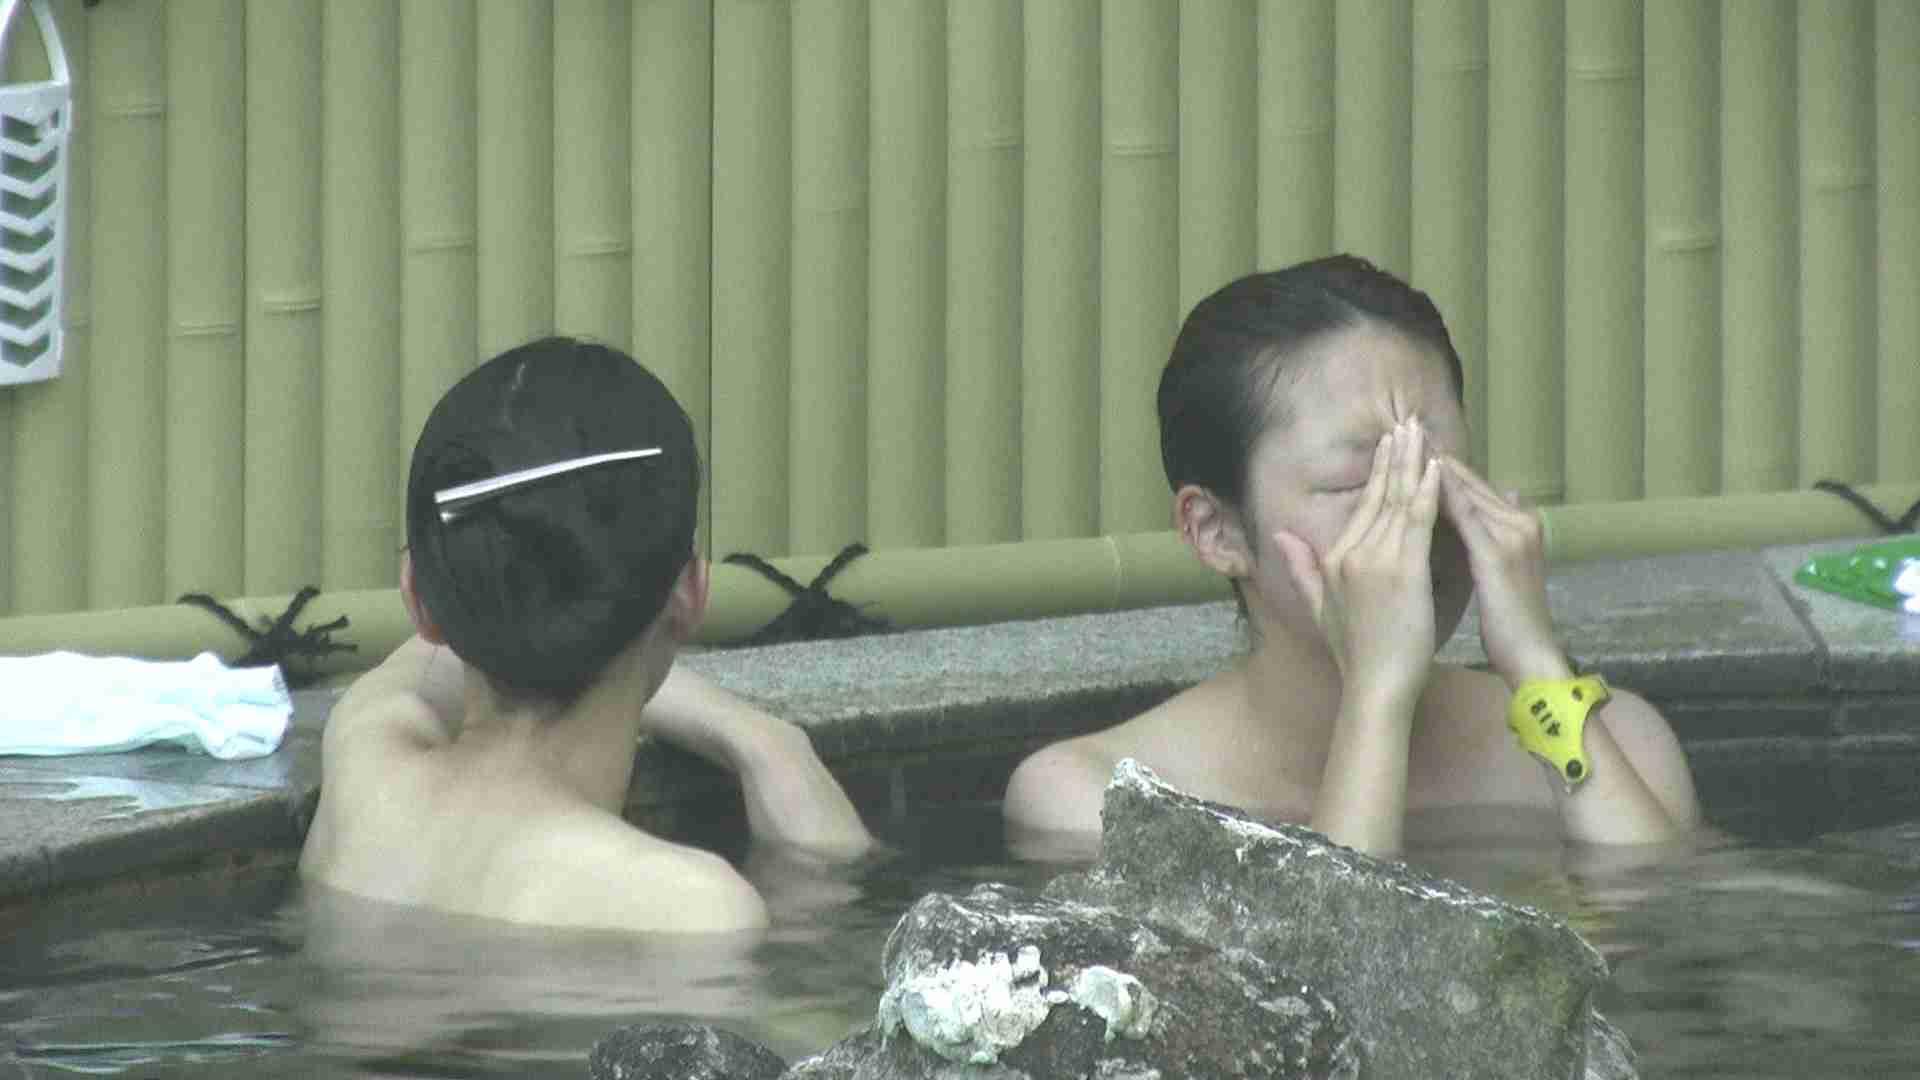 Aquaな露天風呂Vol.195 綺麗なOLたち | 盗撮  93枚 46